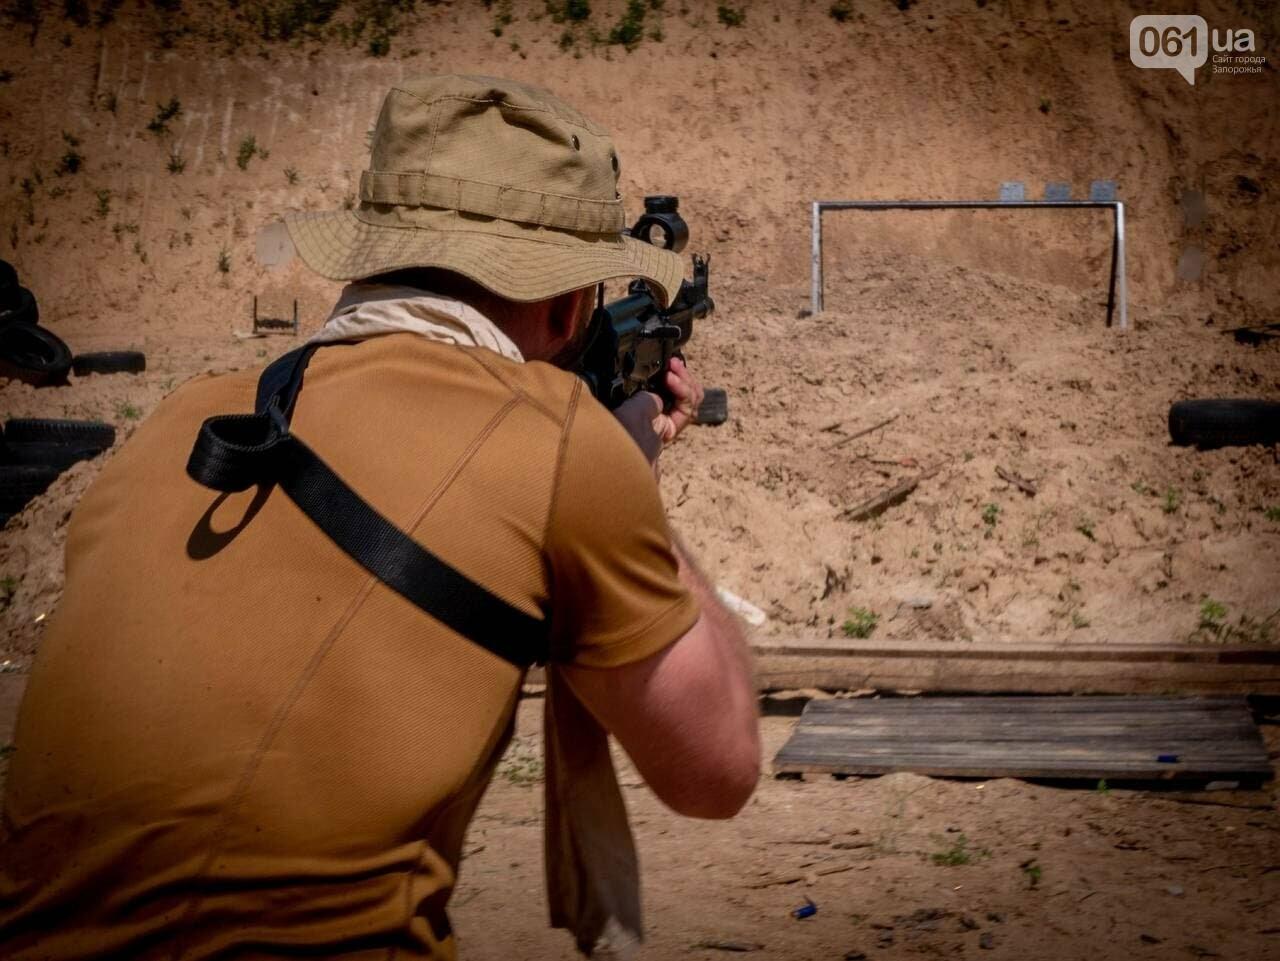 Максим Зайченко: «Ветераны готовы стать основой территориальной обороны», фото-8